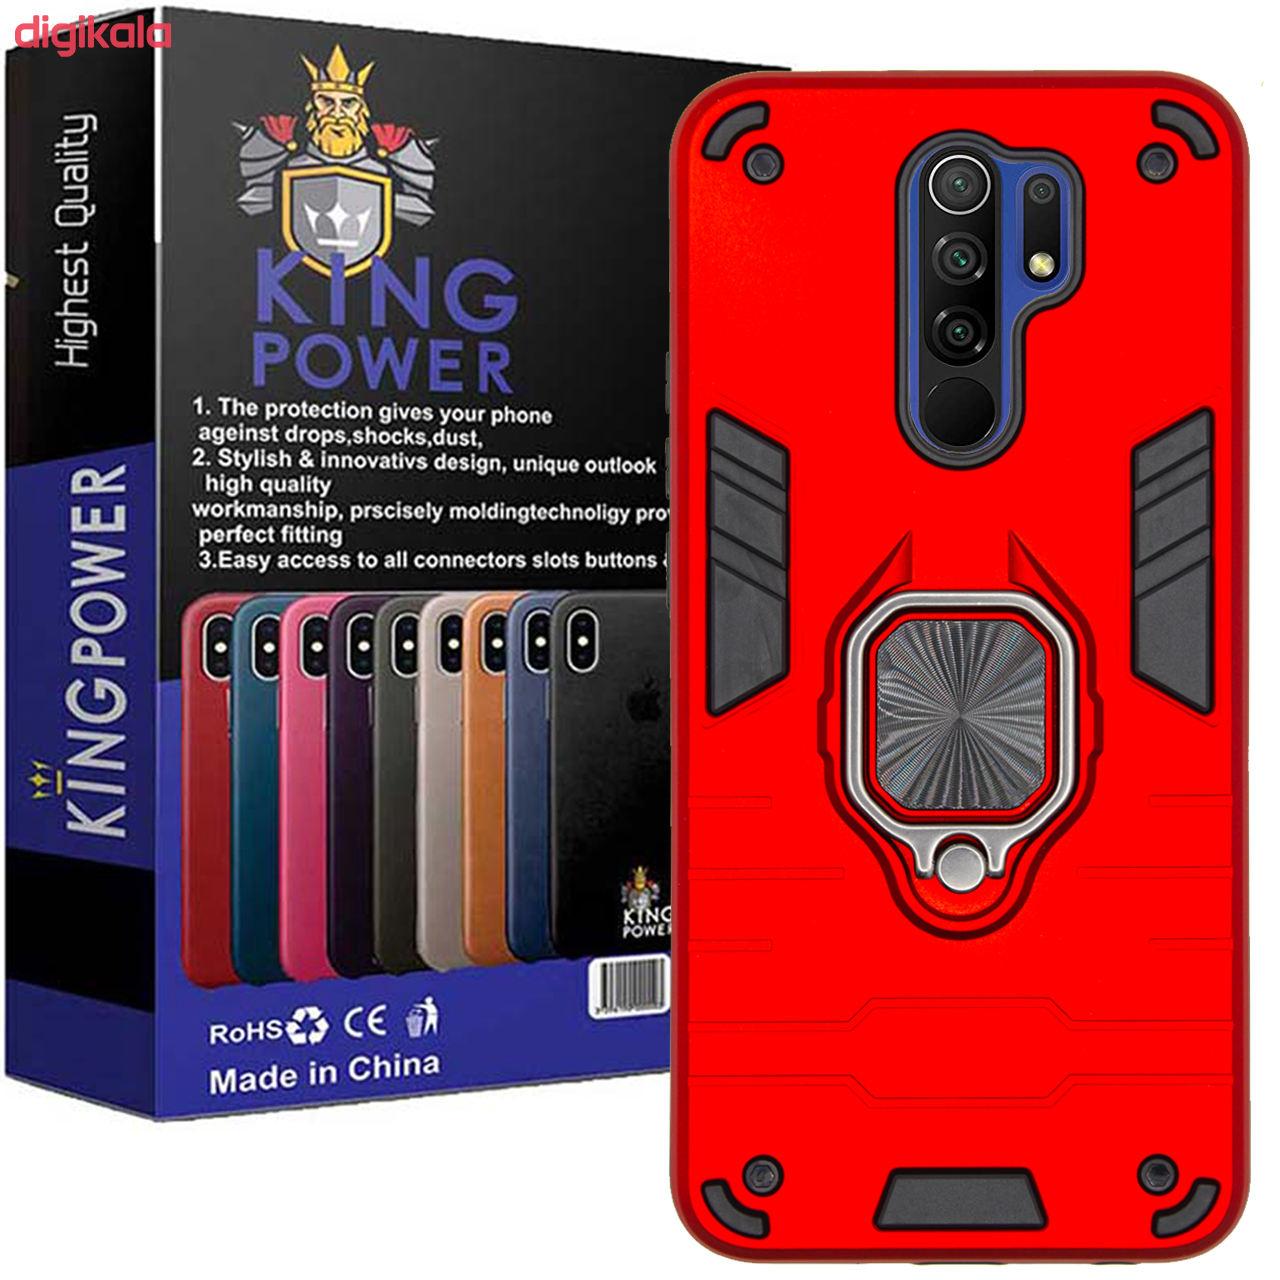 کاور کینگ پاور مدل ASH22 مناسب برای گوشی موبایل شیائومی Redmi 9 / Redmi 9 Prime main 1 2